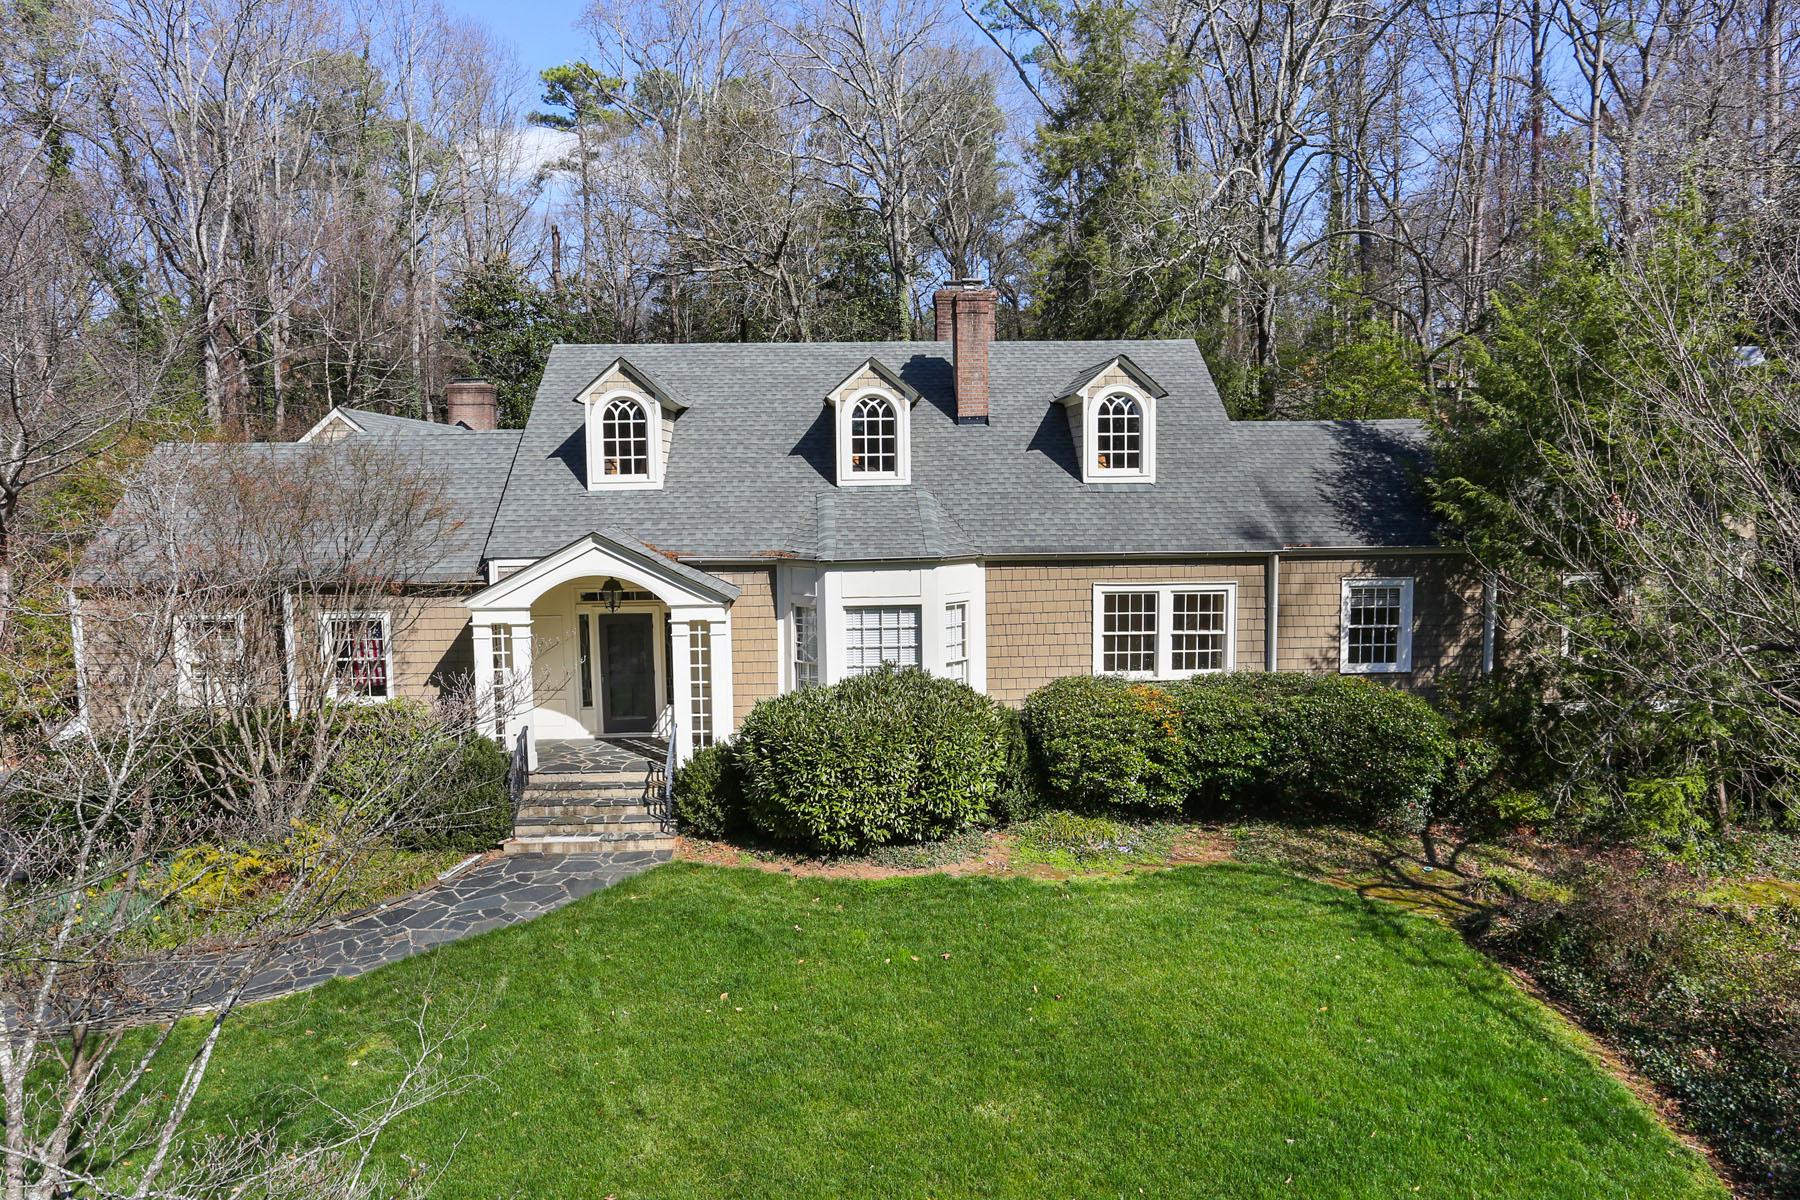 Tek Ailelik Ev için Satış at Charming Cape Cod Nestled on 1.5 Acre Lot 1225 West Wesley Rd Buckhead, Atlanta, Georgia, 30327 Amerika Birleşik Devletleri